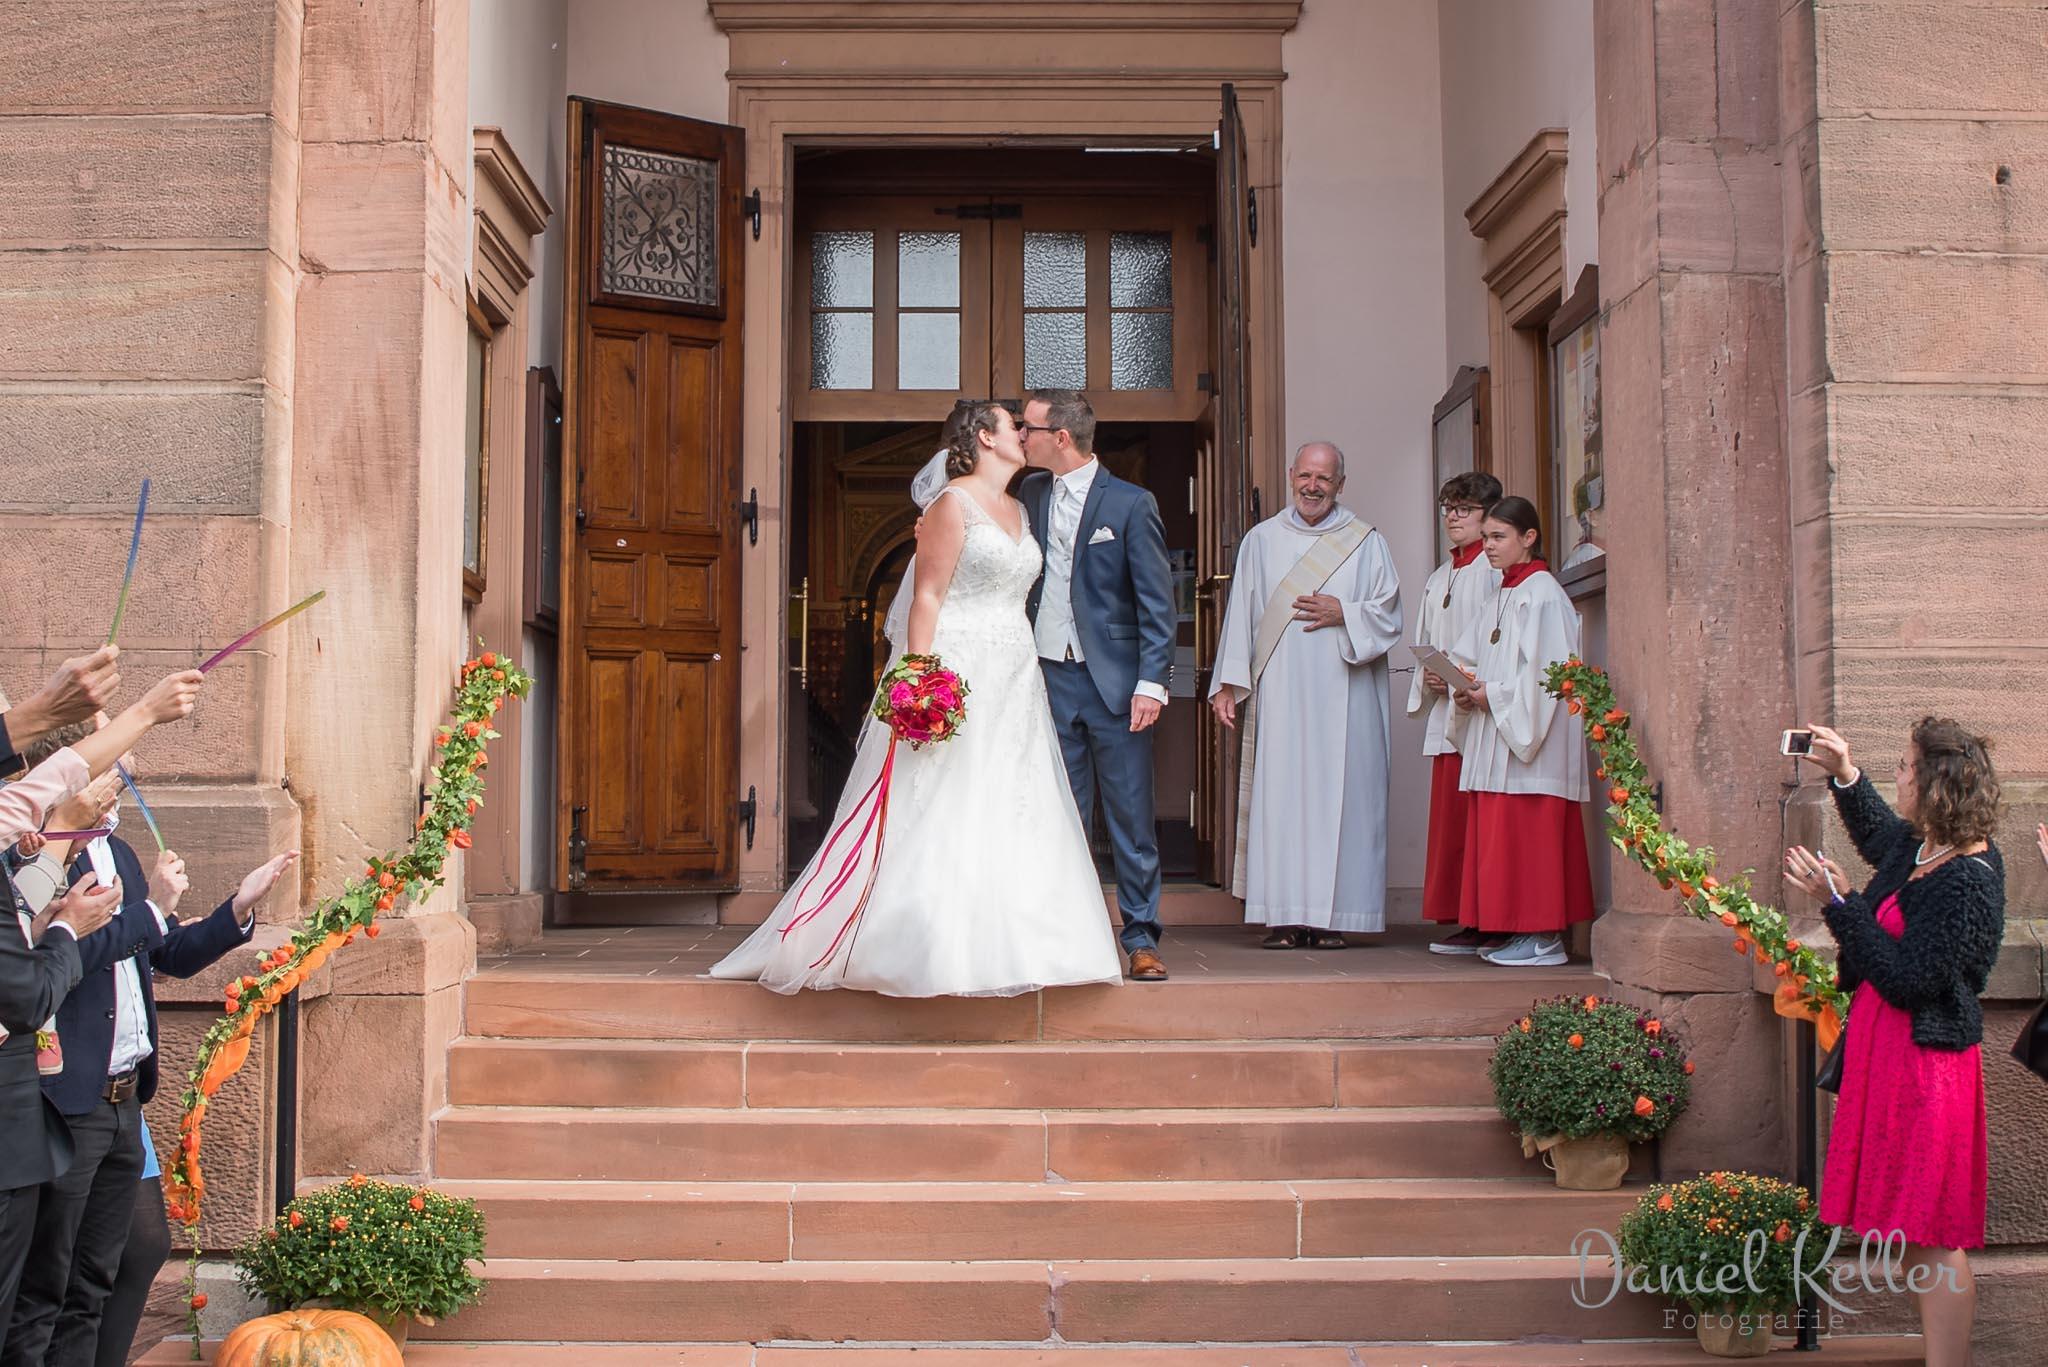 Auszug aus er Kirche in Lauf / Hochzeitsfotograf Daniel Keller